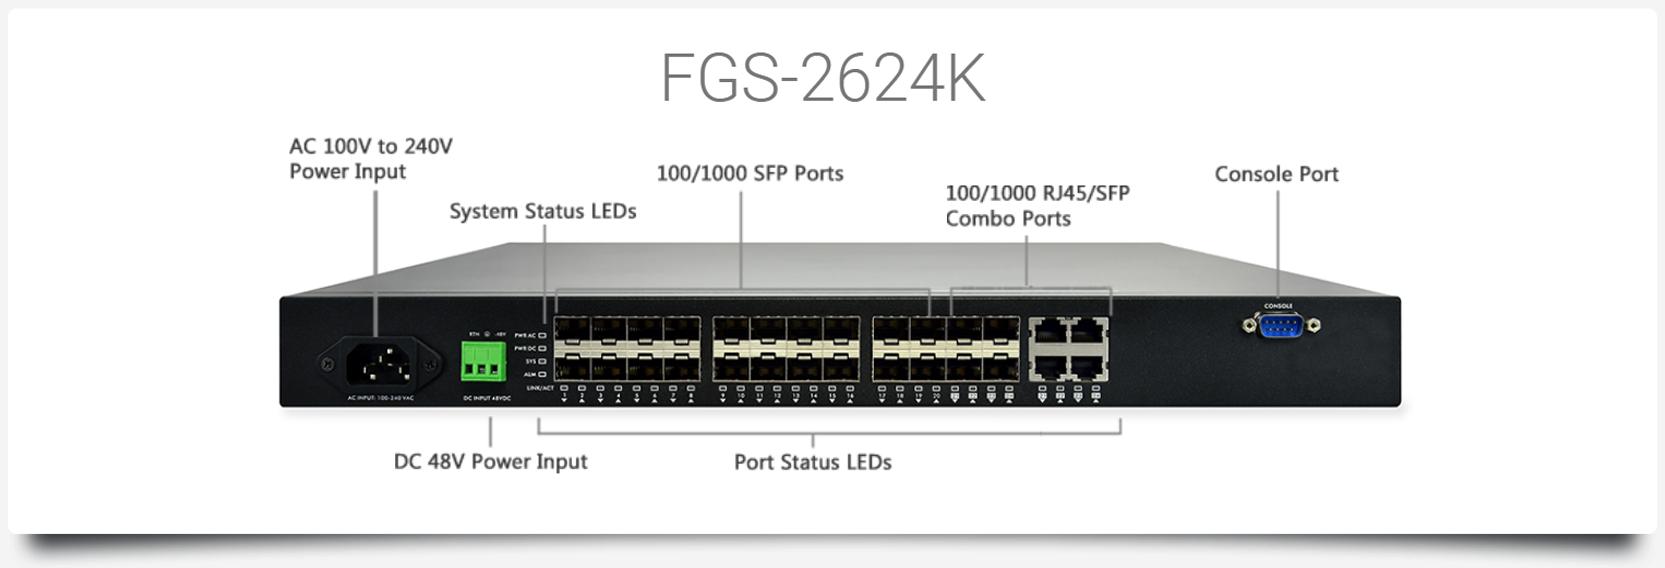 FGS-2624K